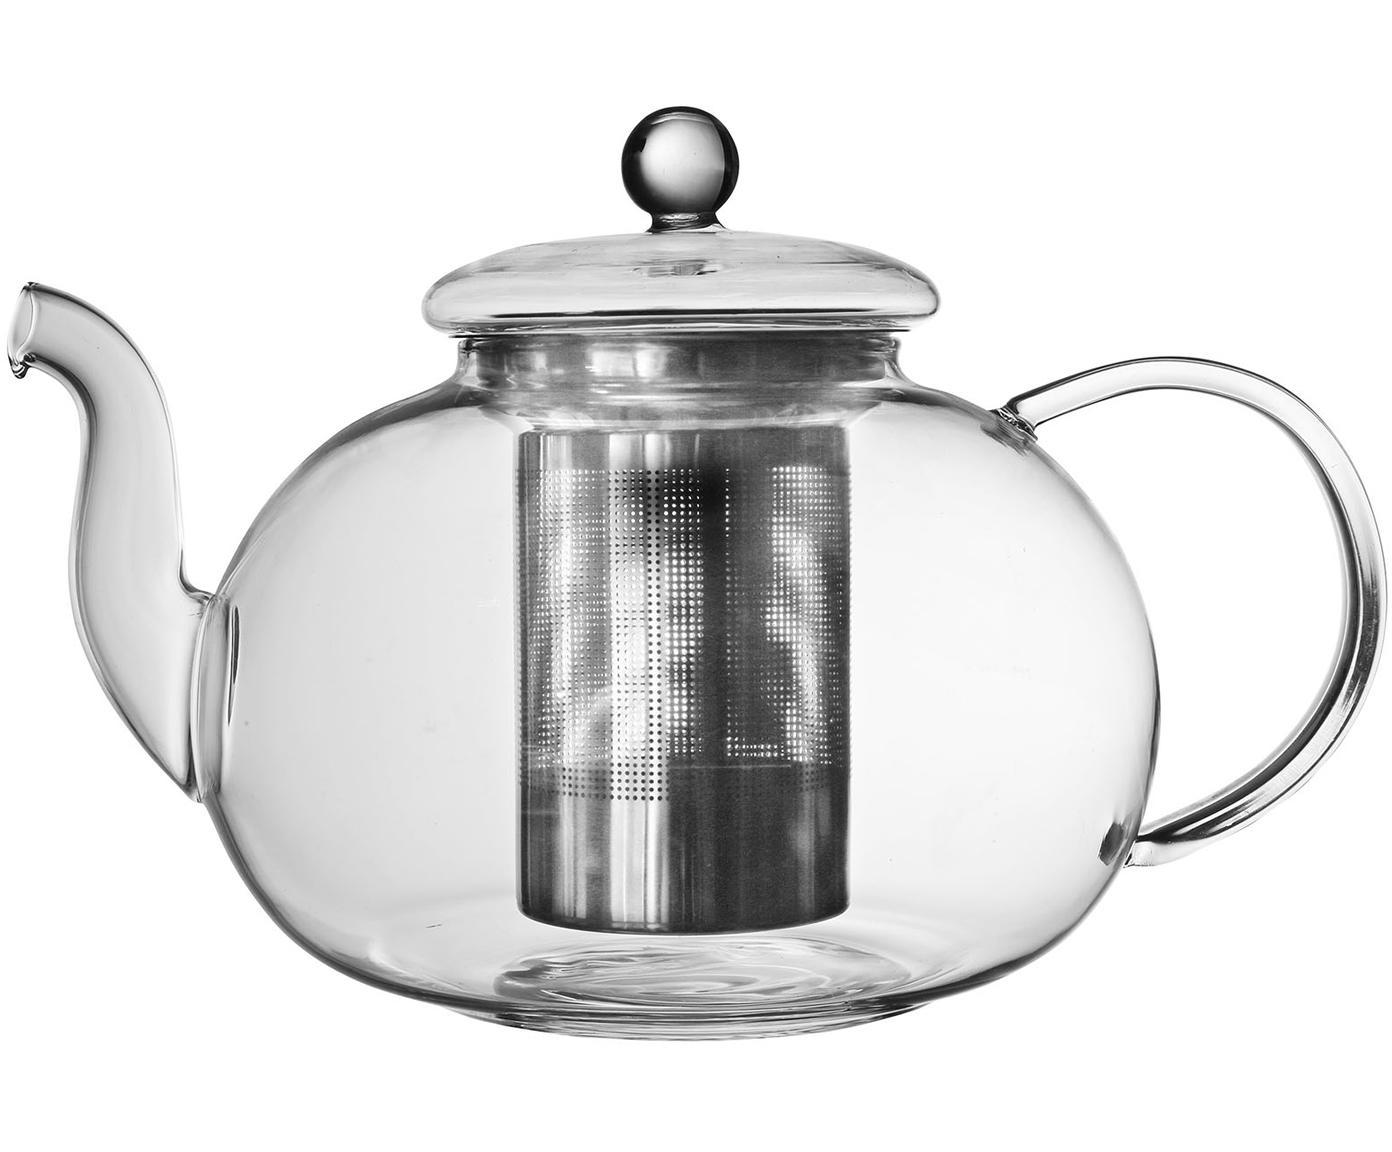 Teekanne Argyle mit Teesieb und Deckel, Kanne: Glas, Sieb: Edelstahl, Transparent, Silberfarben, 23 x 15 cm